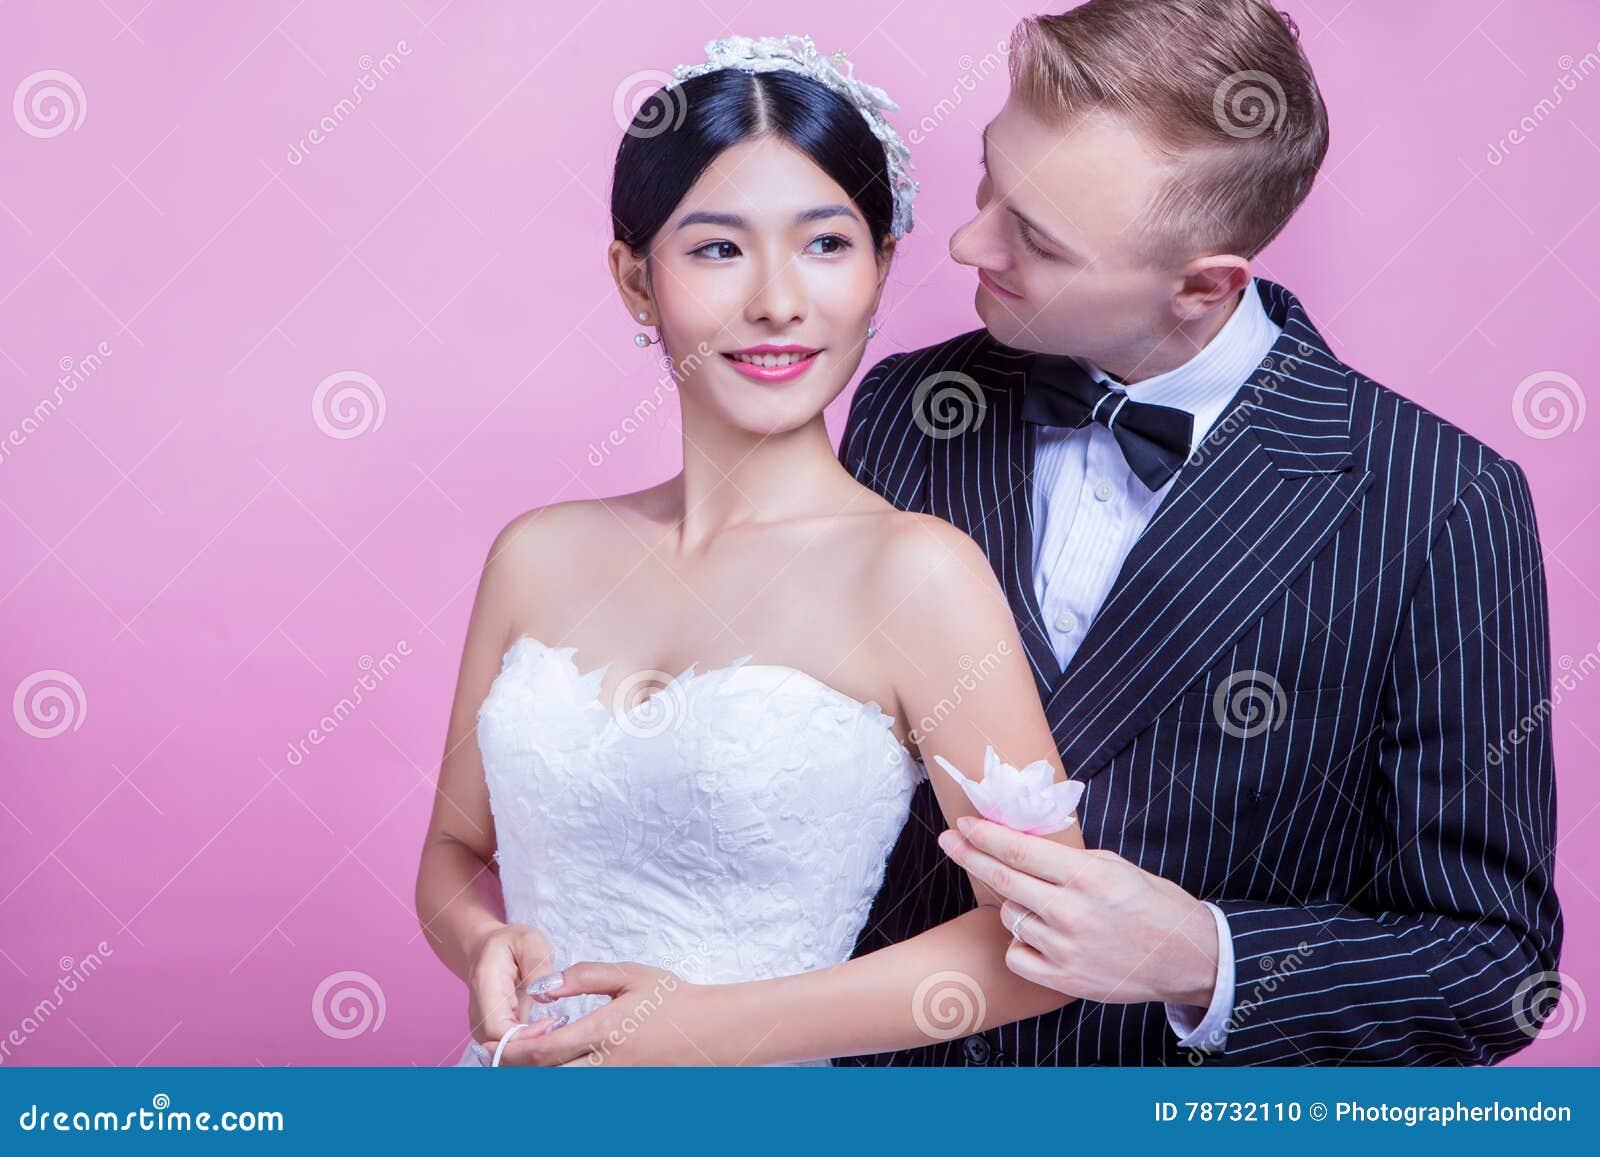 Älska brudguminnehavet blomma, medan se bruden mot rosa bakgrund